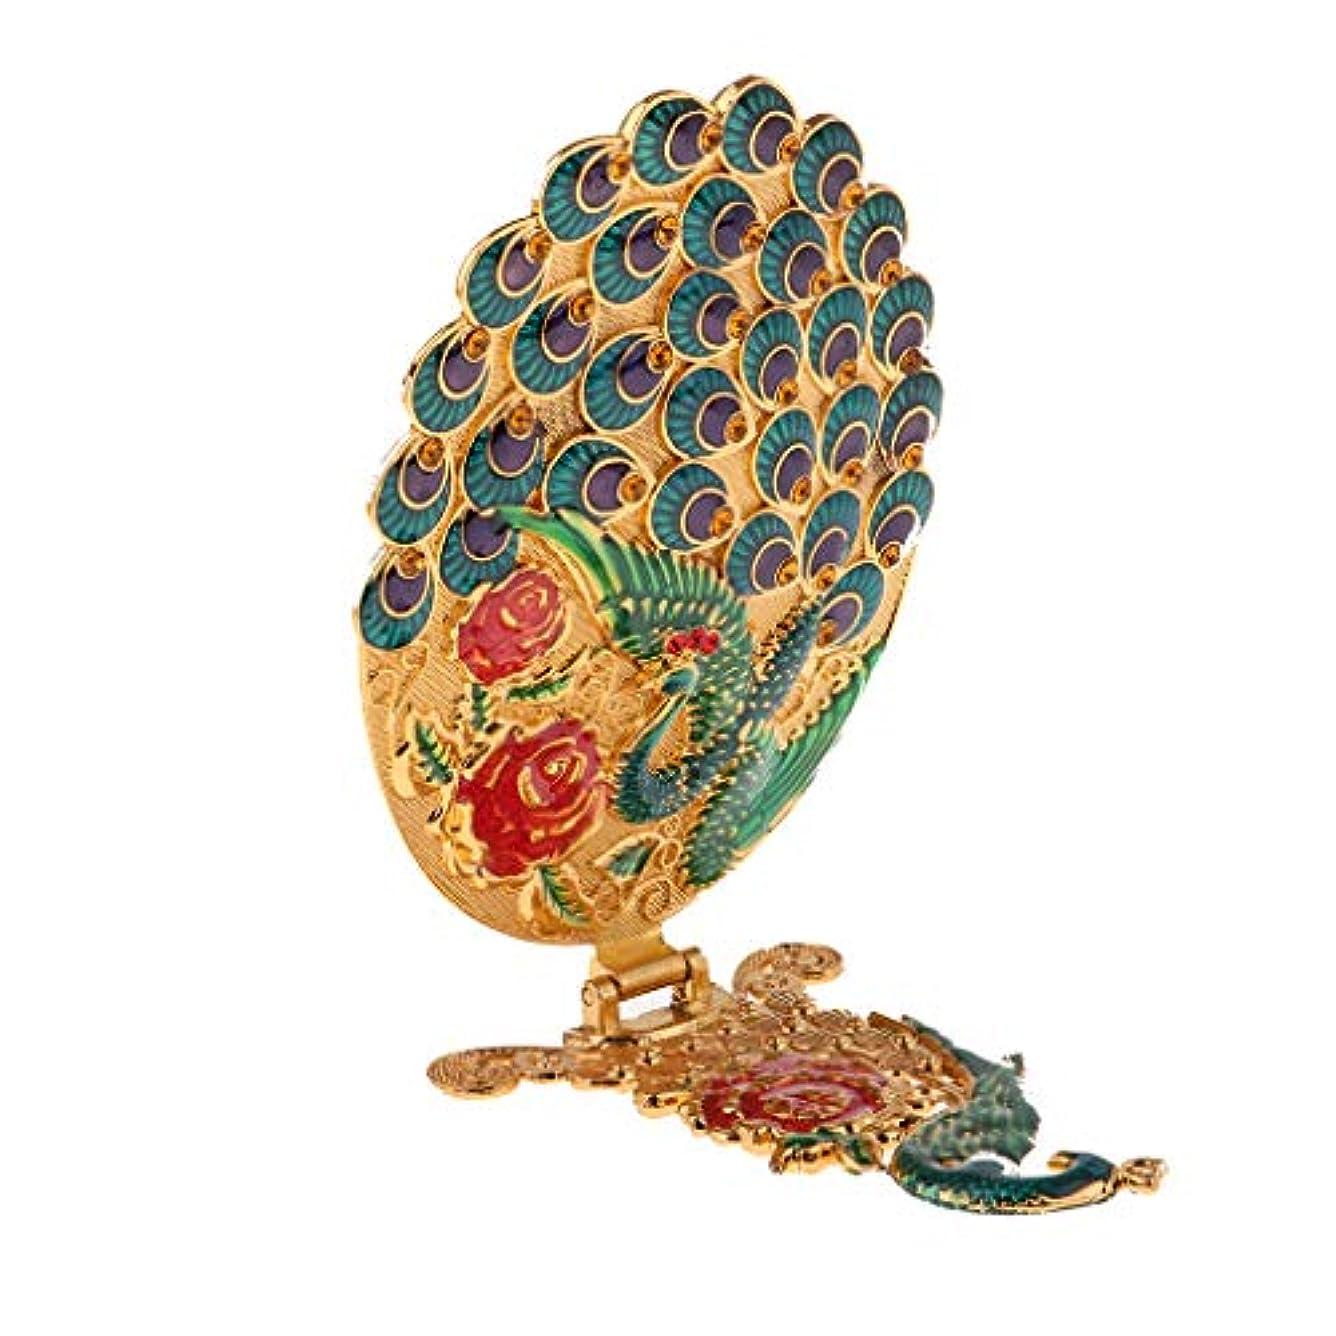 縁戻るロースト折りたたみミラー 卓上鏡 孔雀の形 フェイスケアツール ビンテージロイヤル柄 化粧品ツール 全3色 - 青